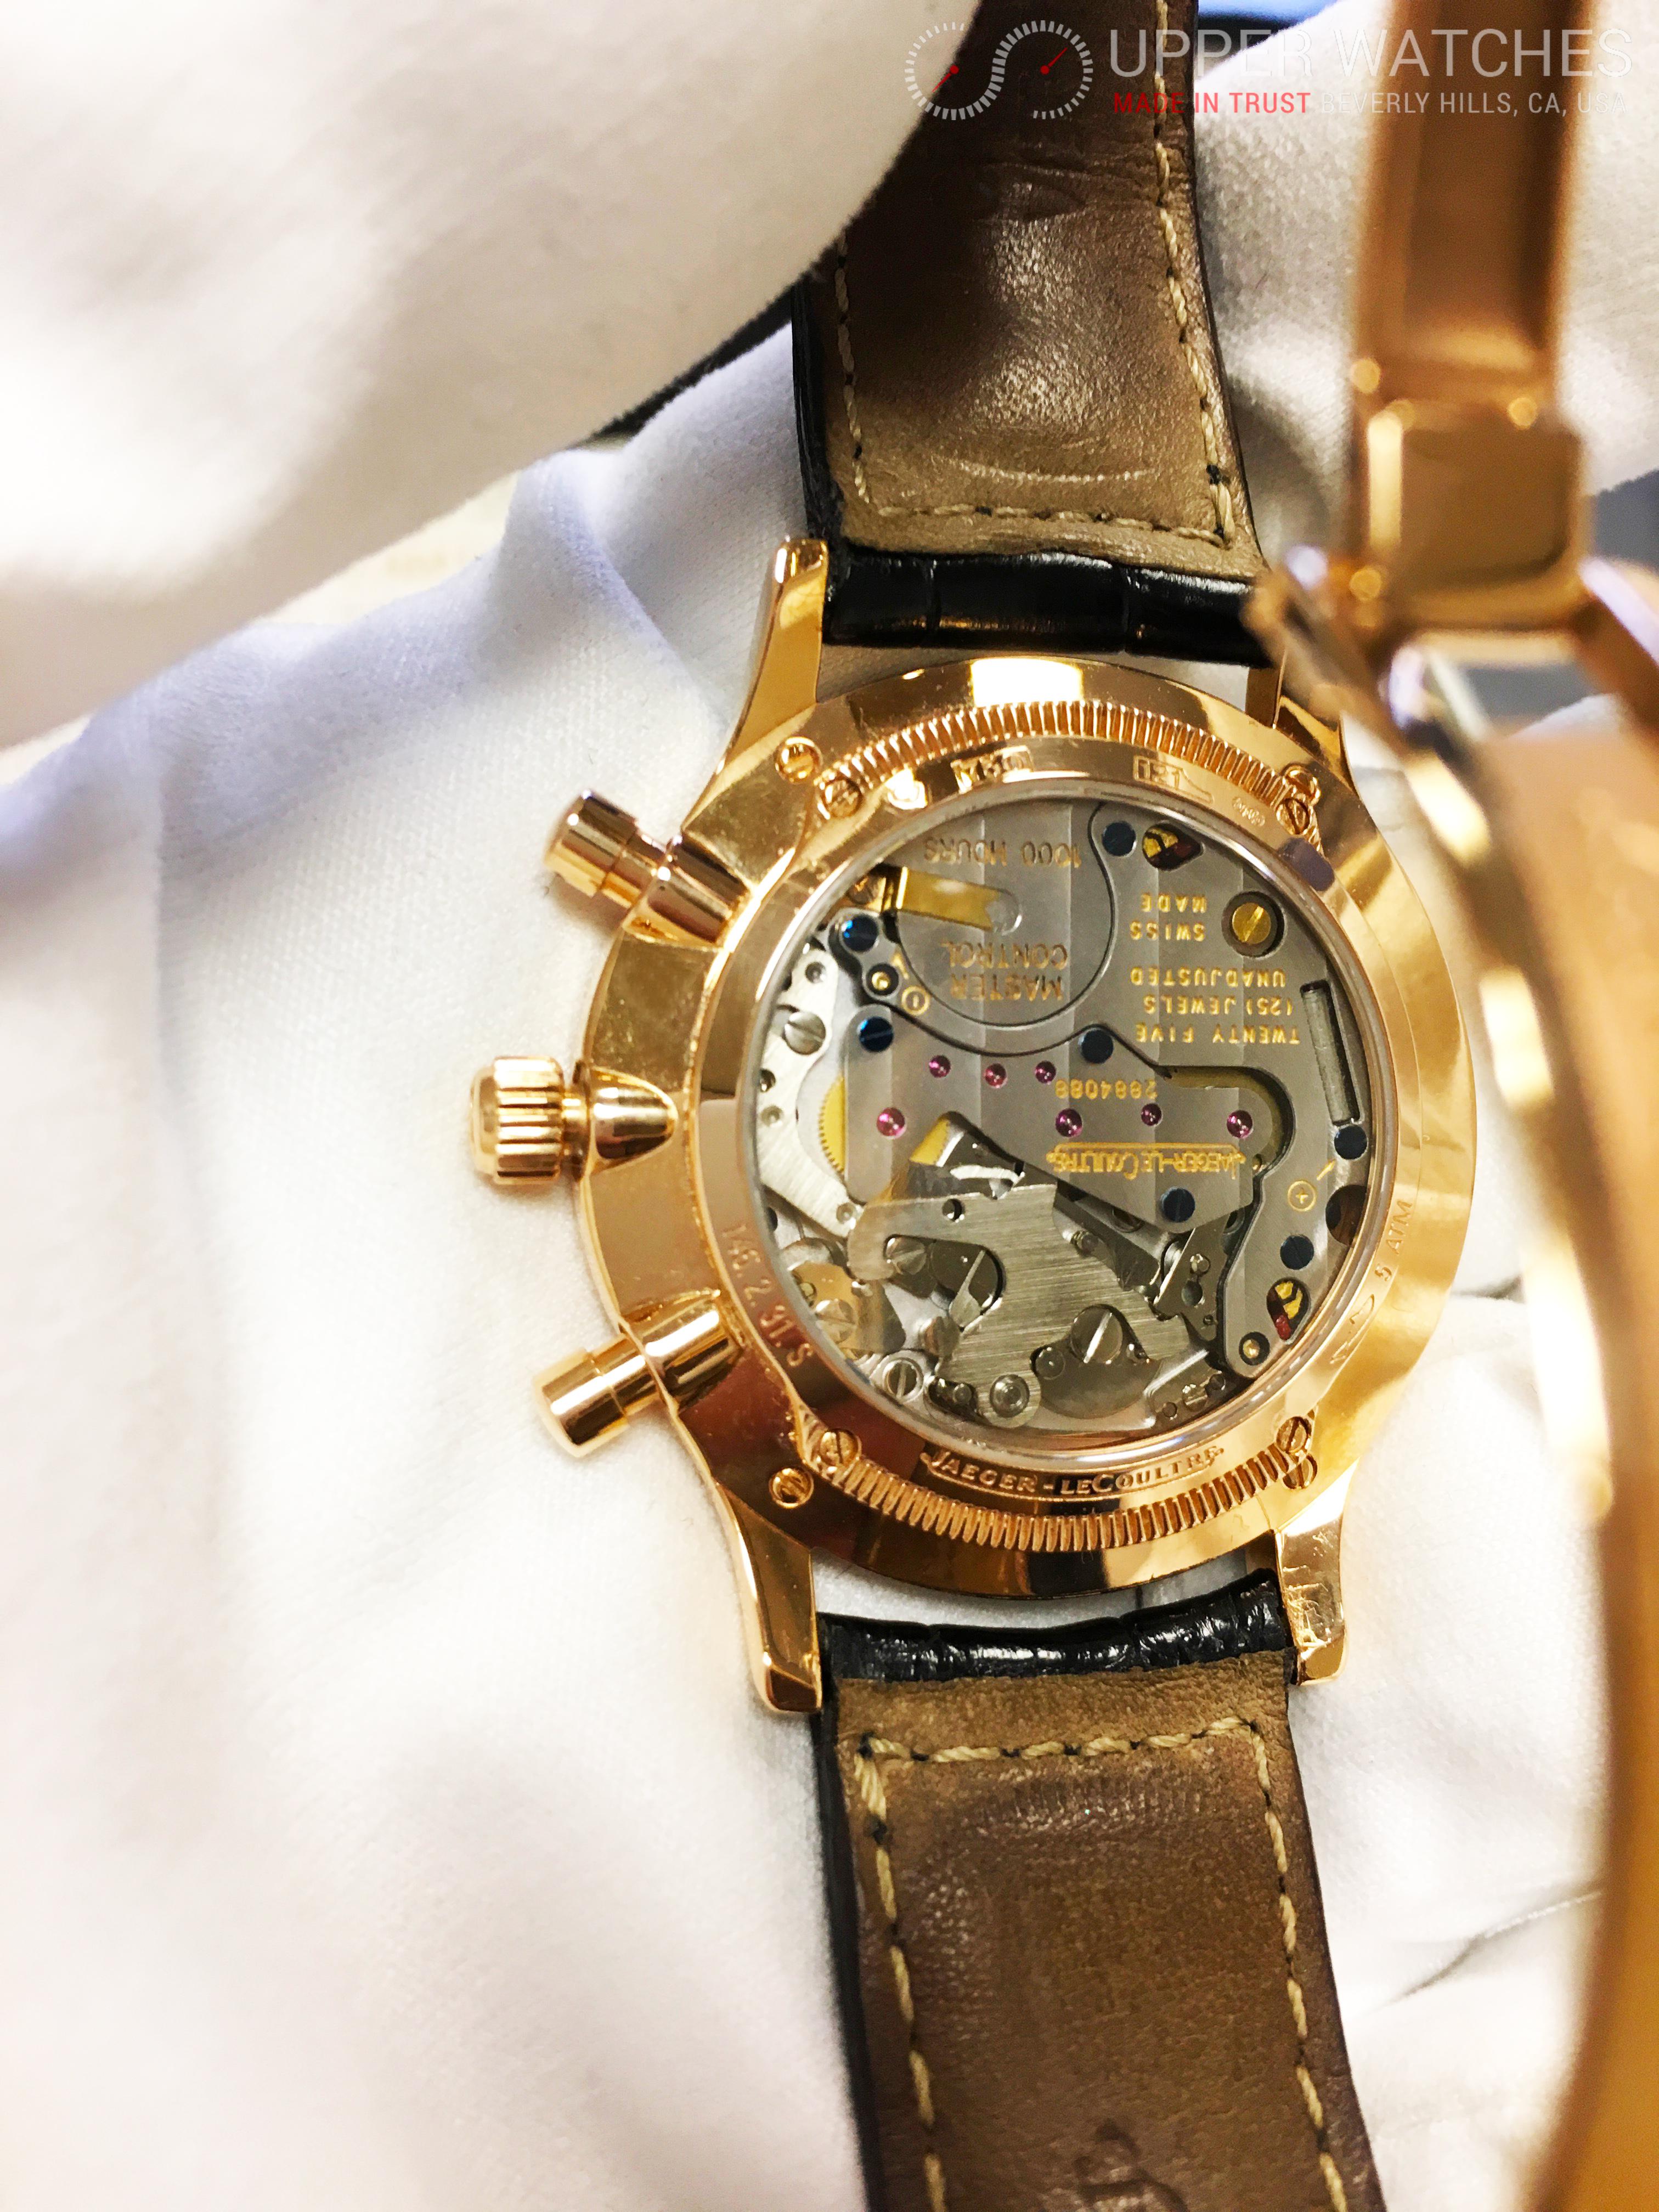 Jaeger lecoultre master chronograph 18k rose gold ref 145 ebay for Chronograph master